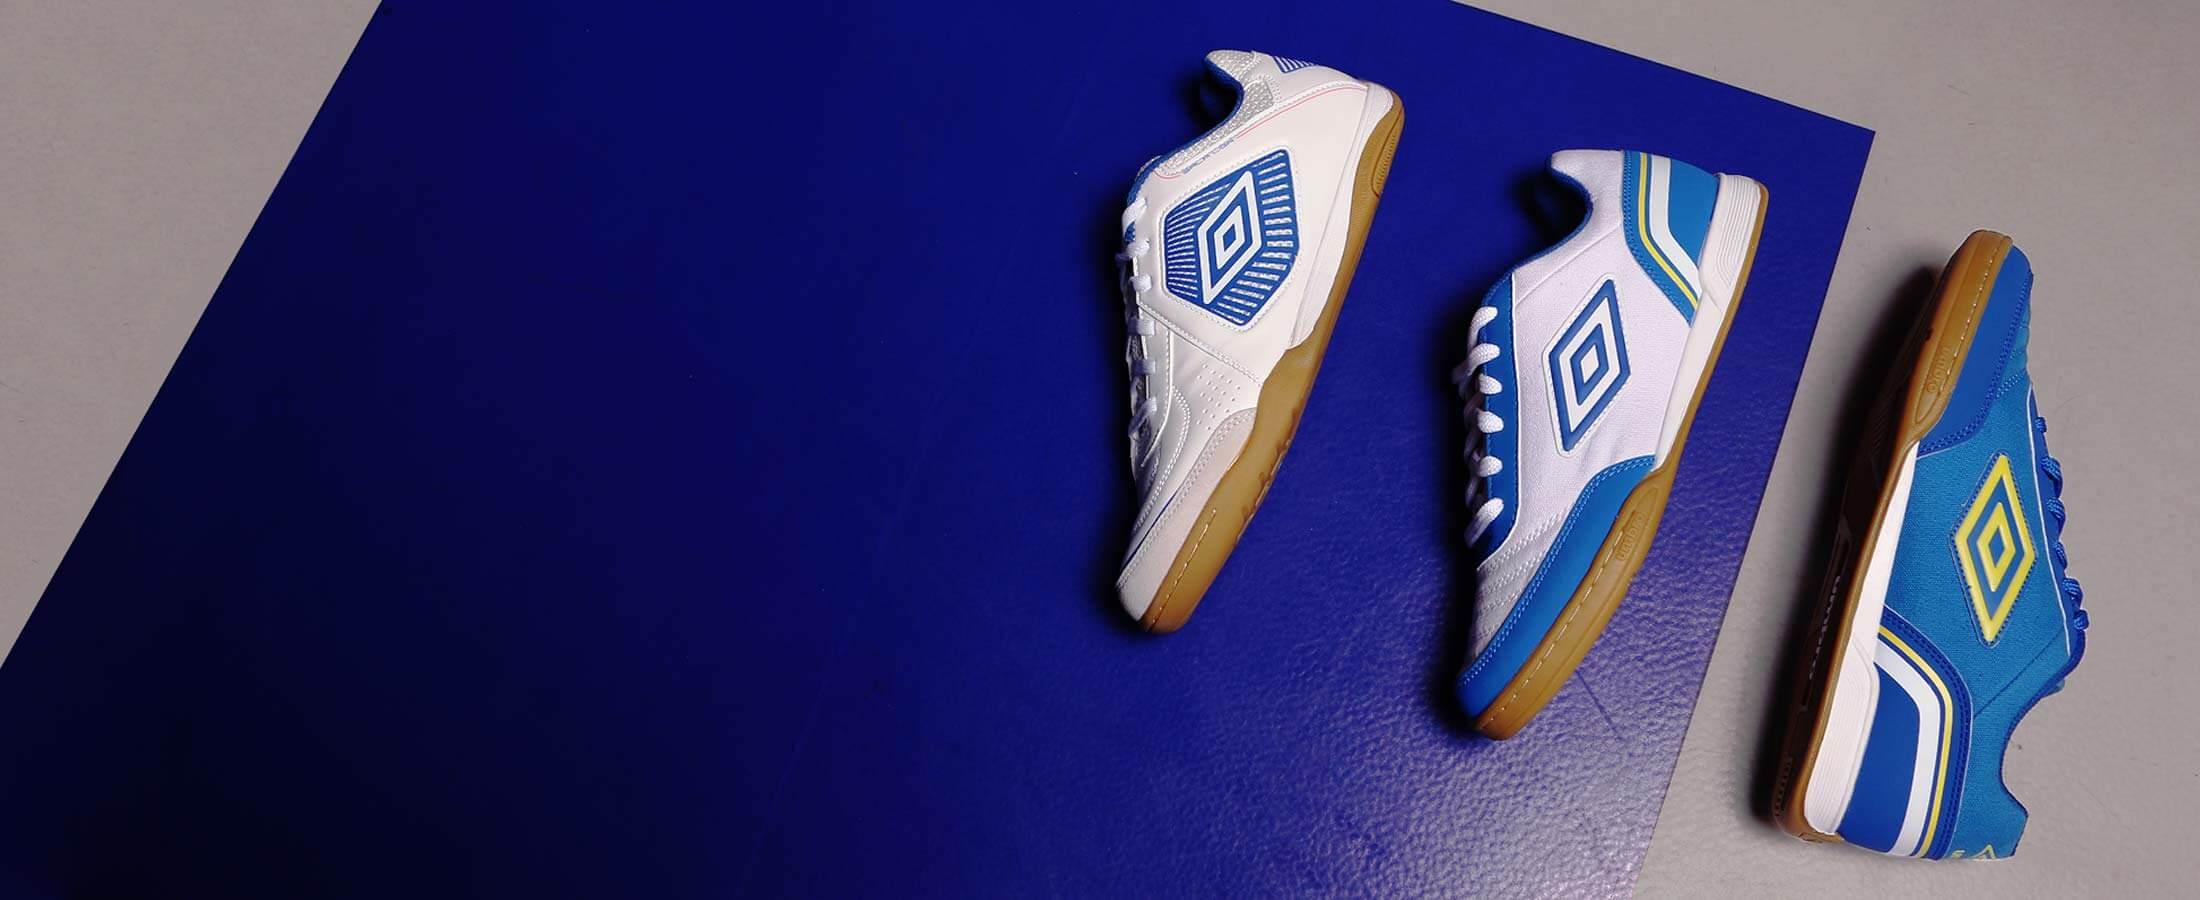 Tres zapatillas de fútbol sala Umbro sobre pista azul